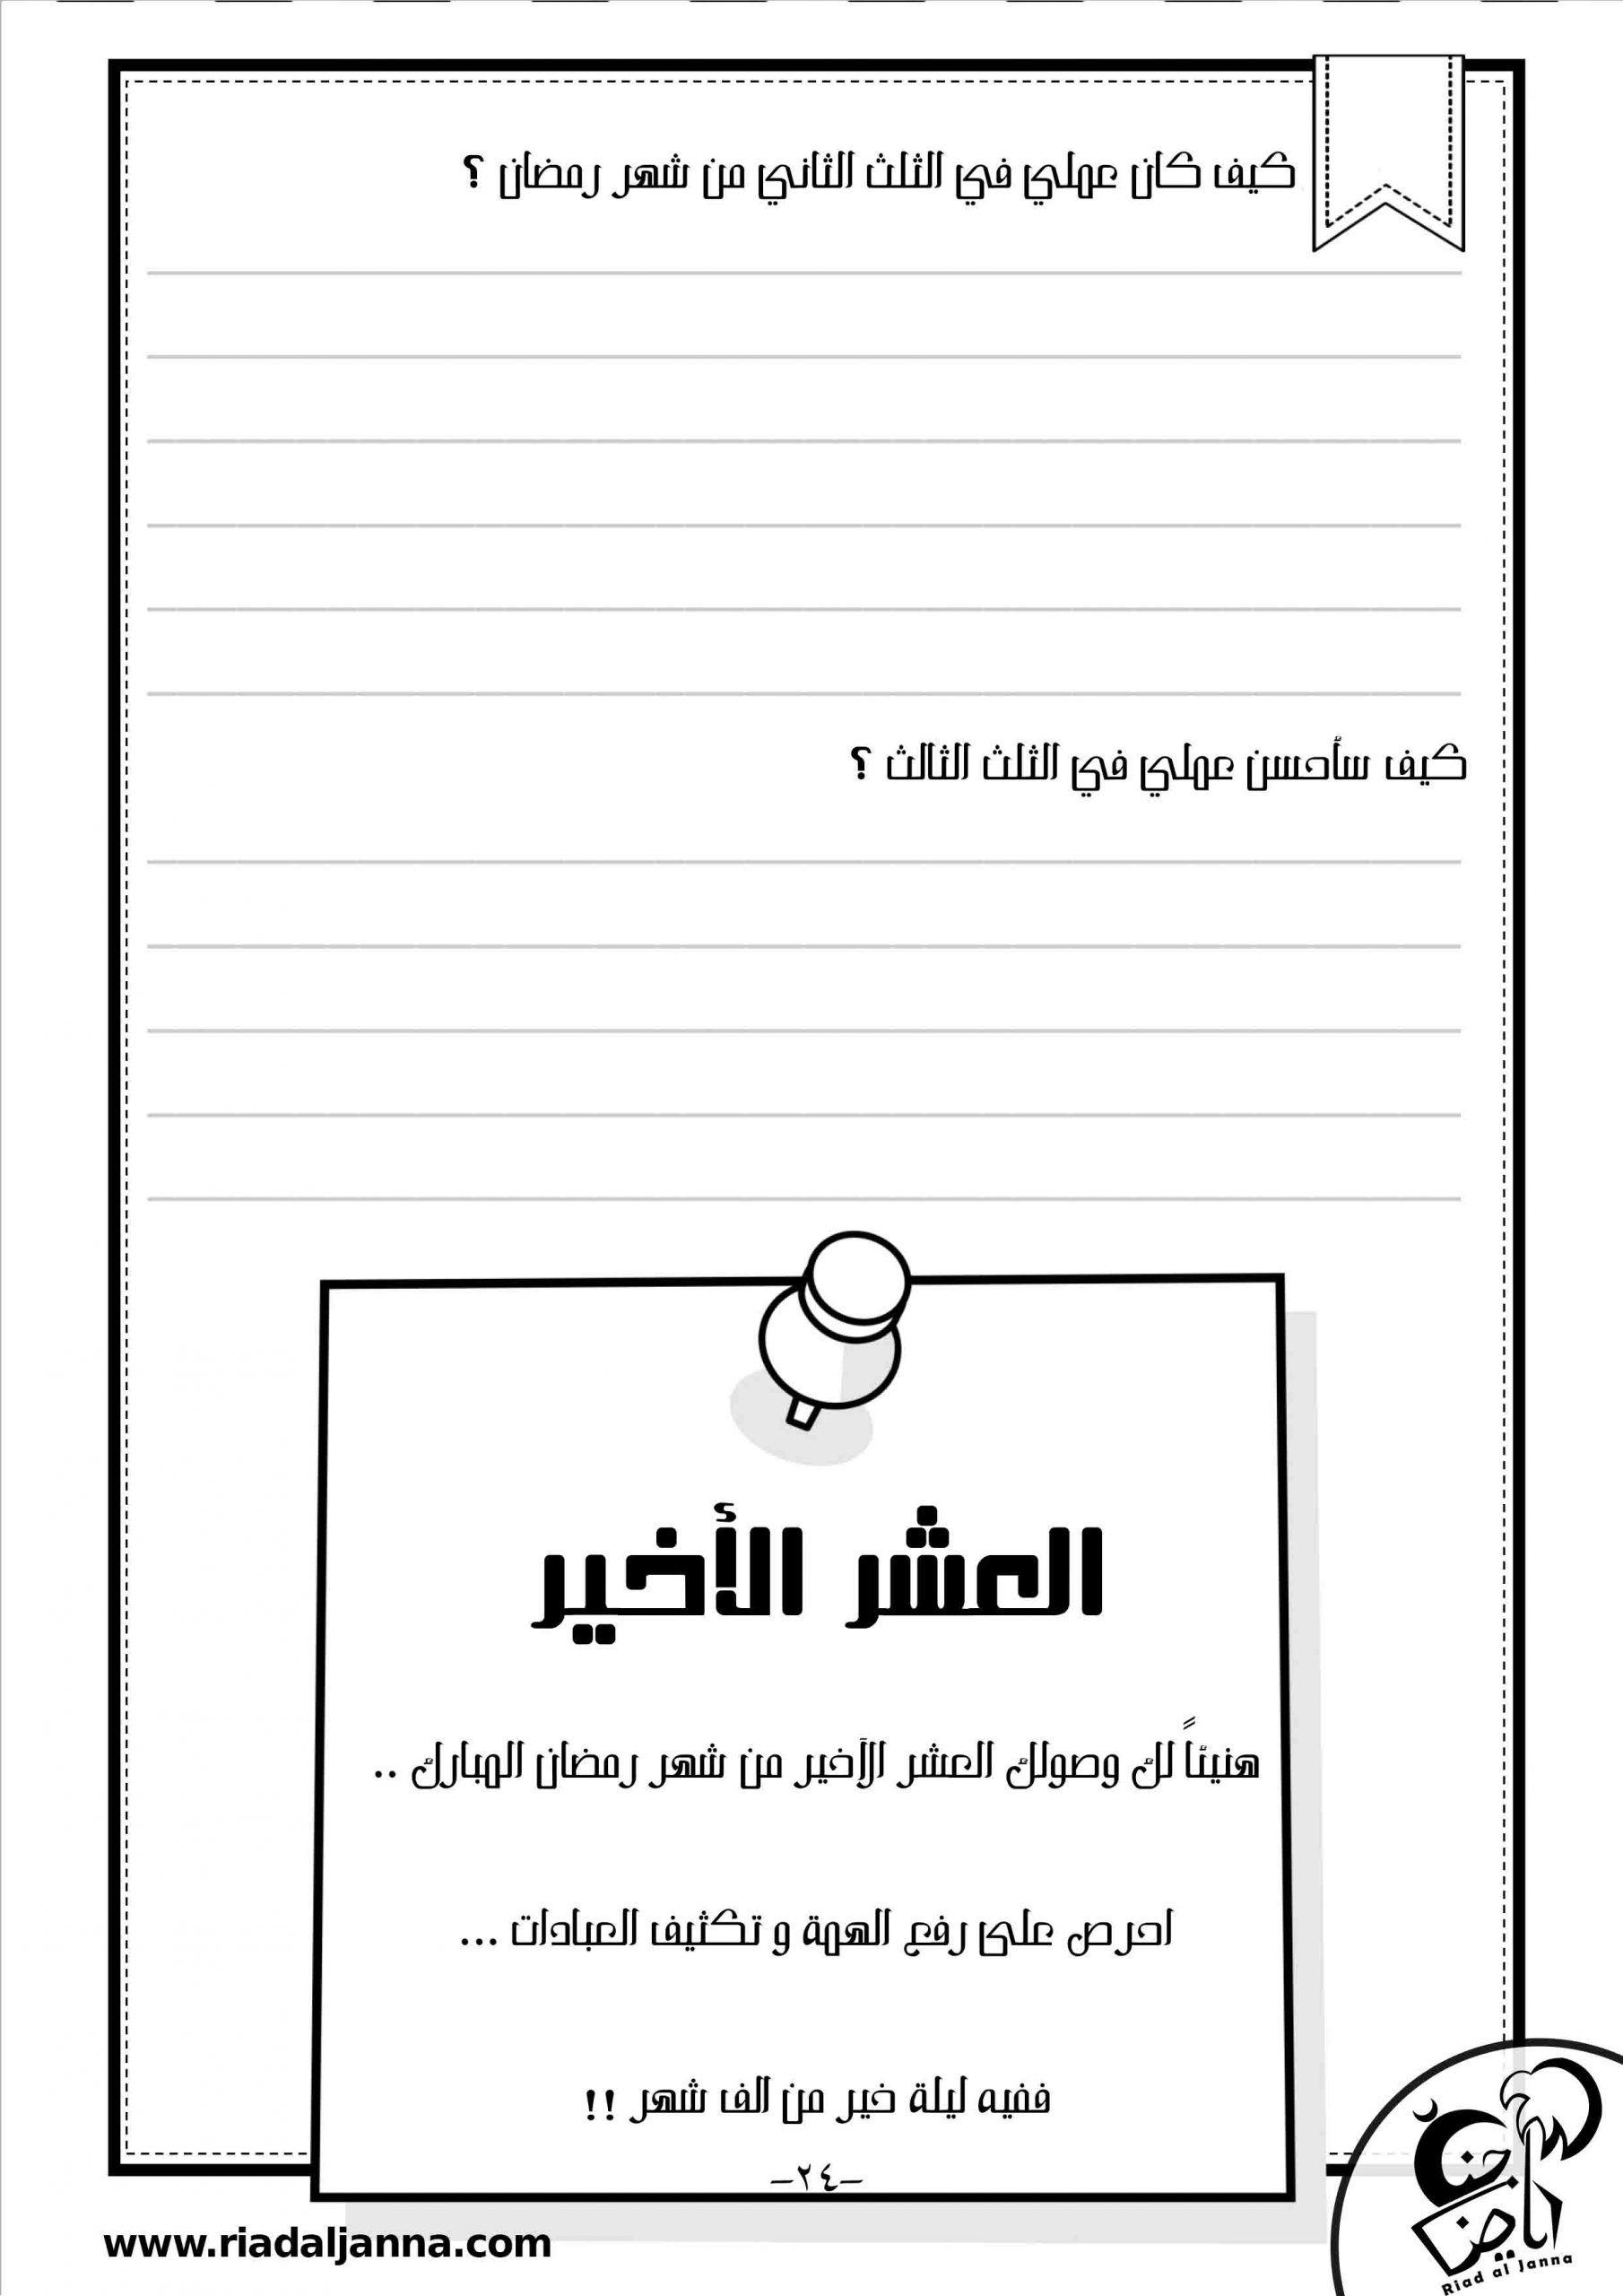 الموضوع الأصلي من المدونة لا يمكن رفع أي مواد من المدونة على مواقع تحميل أخرى شخصية أو In 2021 Ramadan Activities Print Planner Ramadan